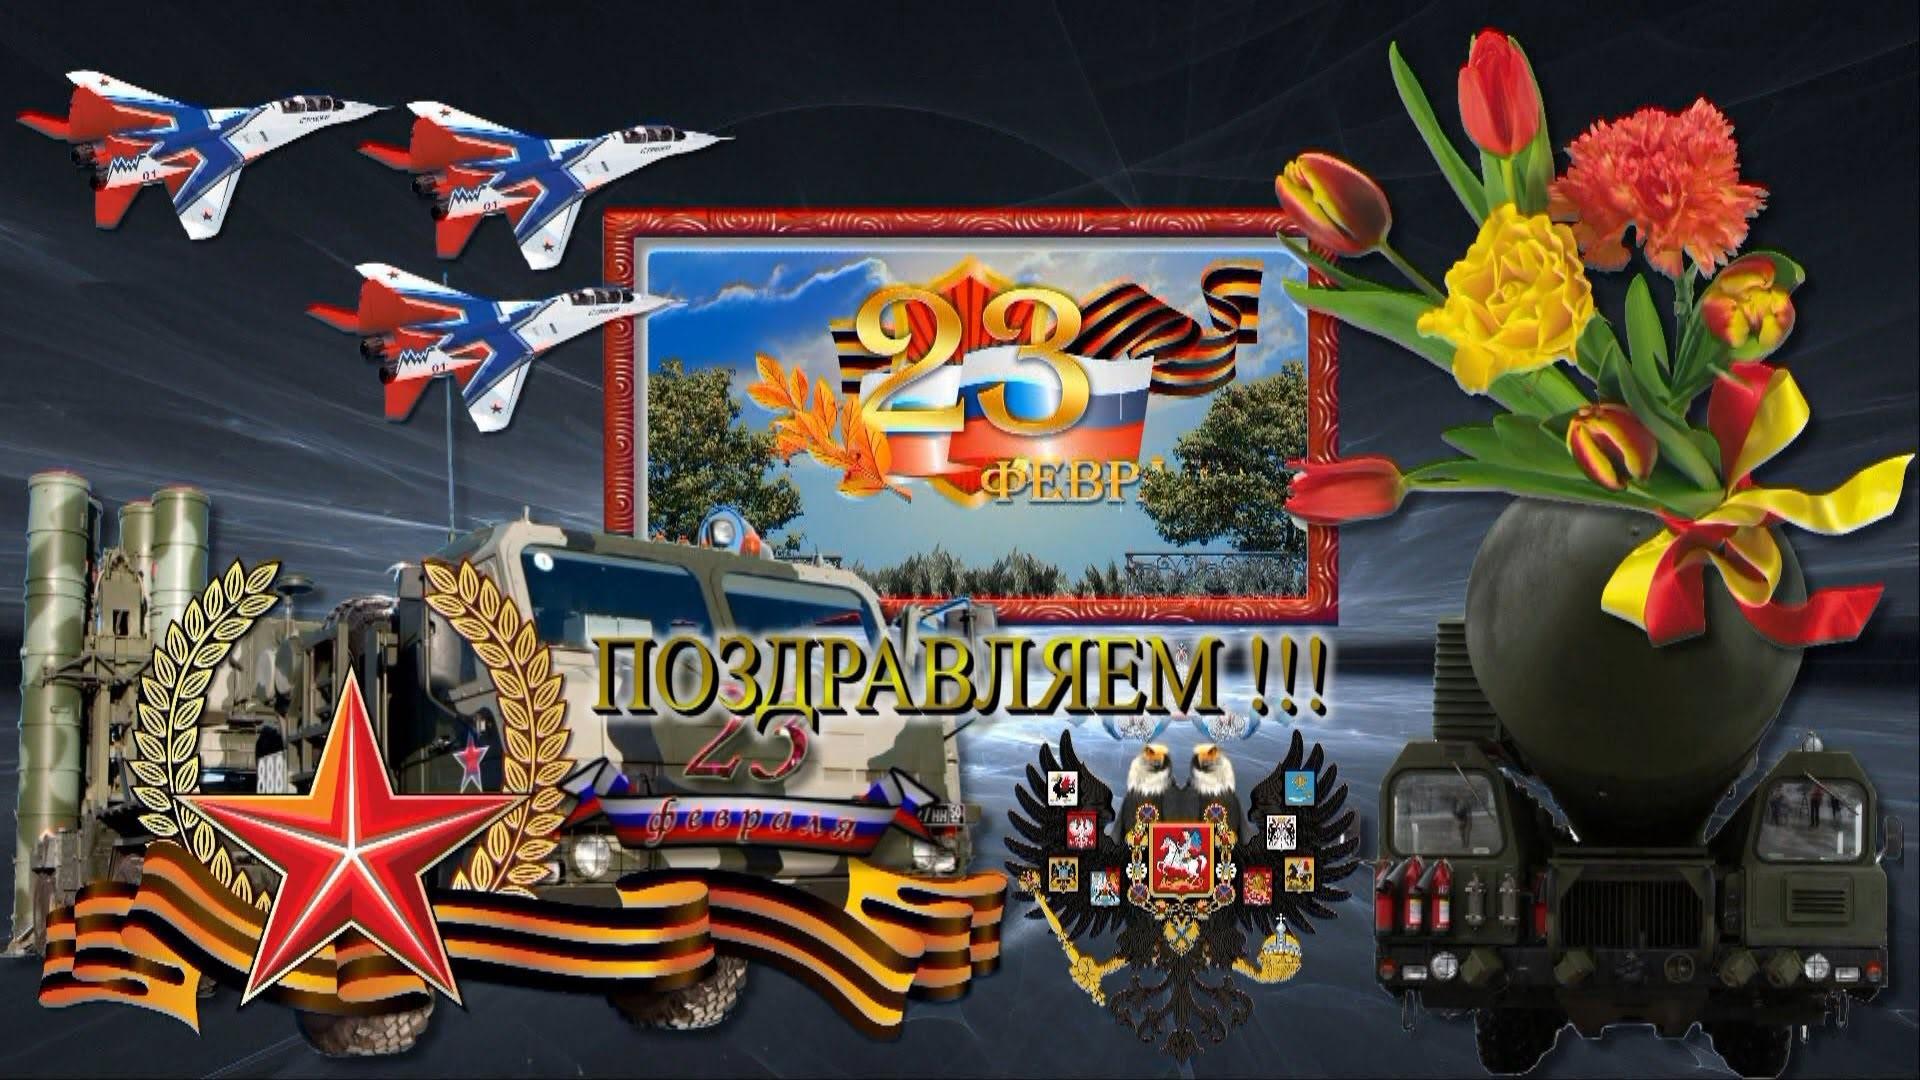 bbeb78cf8844 Мы рады приветствовать вас на сайте одного из крупнейших в России  онлайн-военторгов, одна из основных специализаций которого – производство и  реализация ...